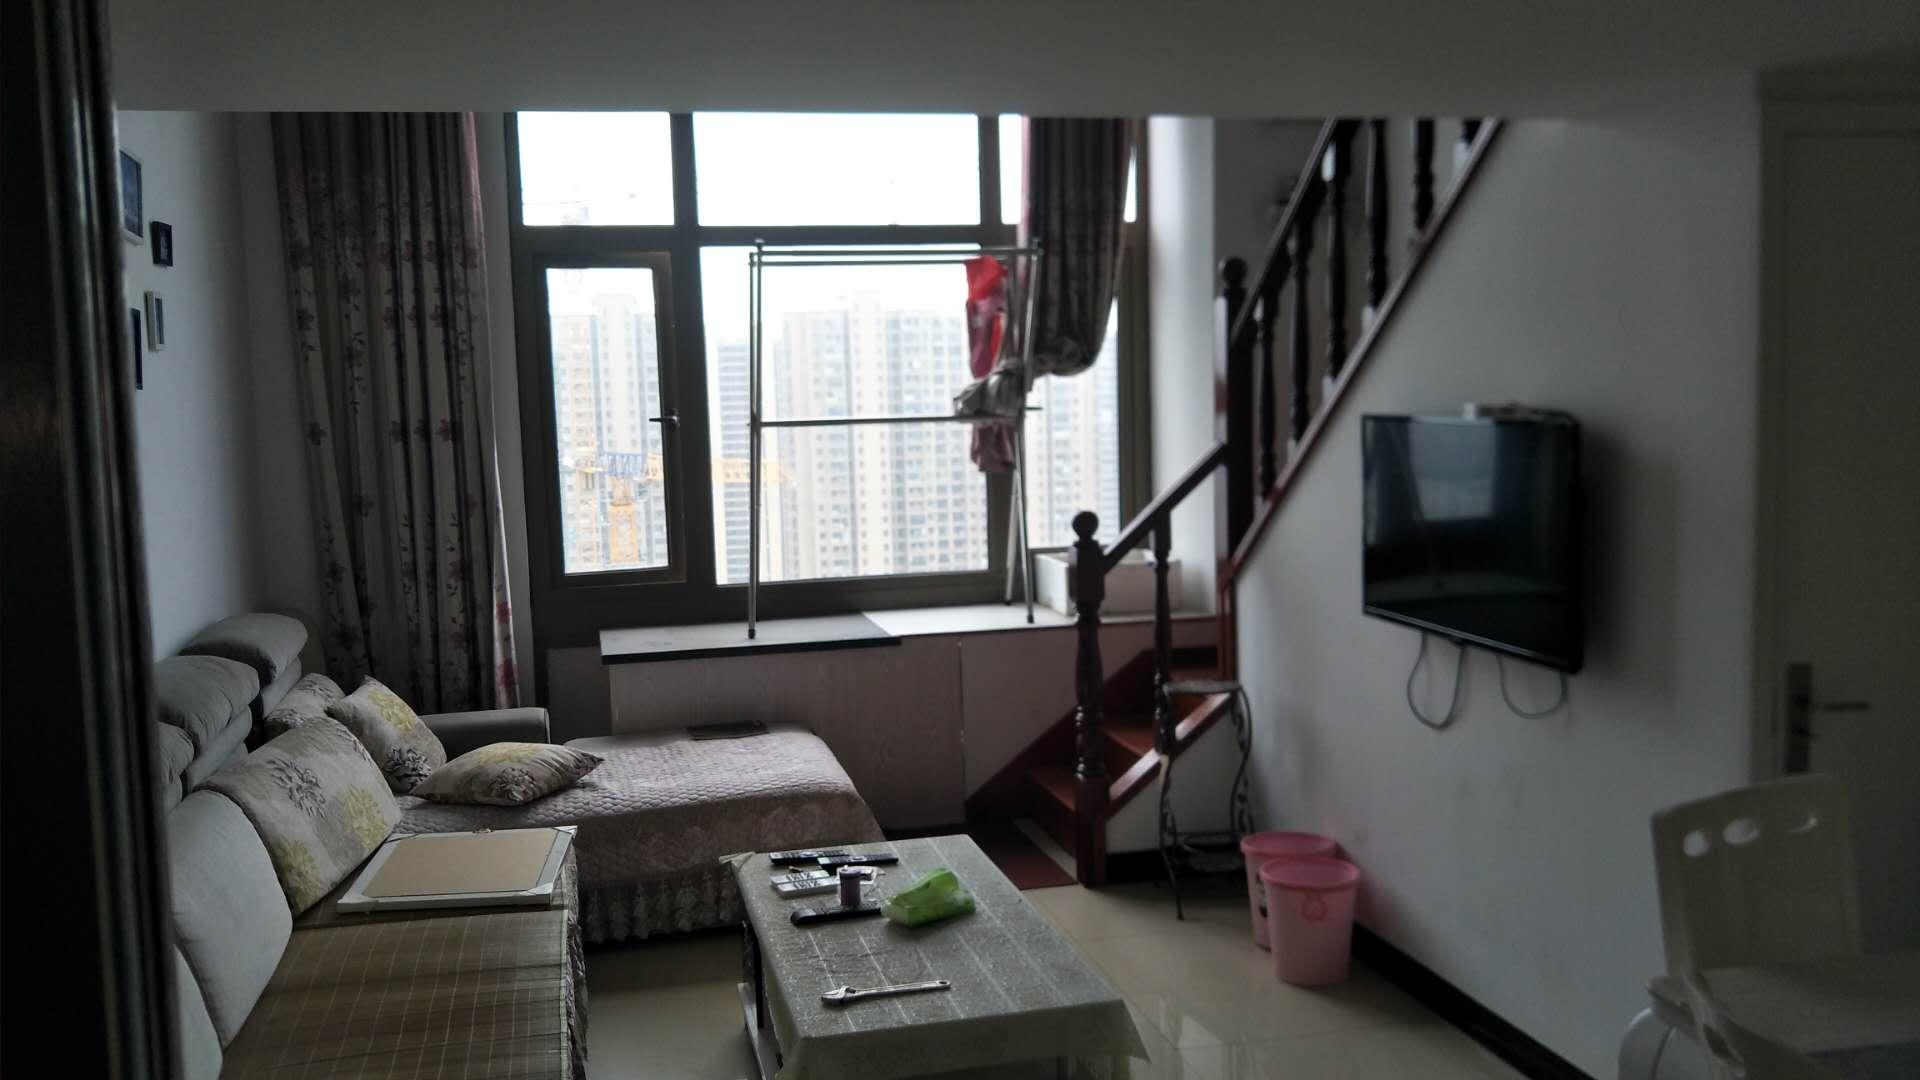 憬天国际LOFT户型精装修公寓,朝南、轻松享受跃层。